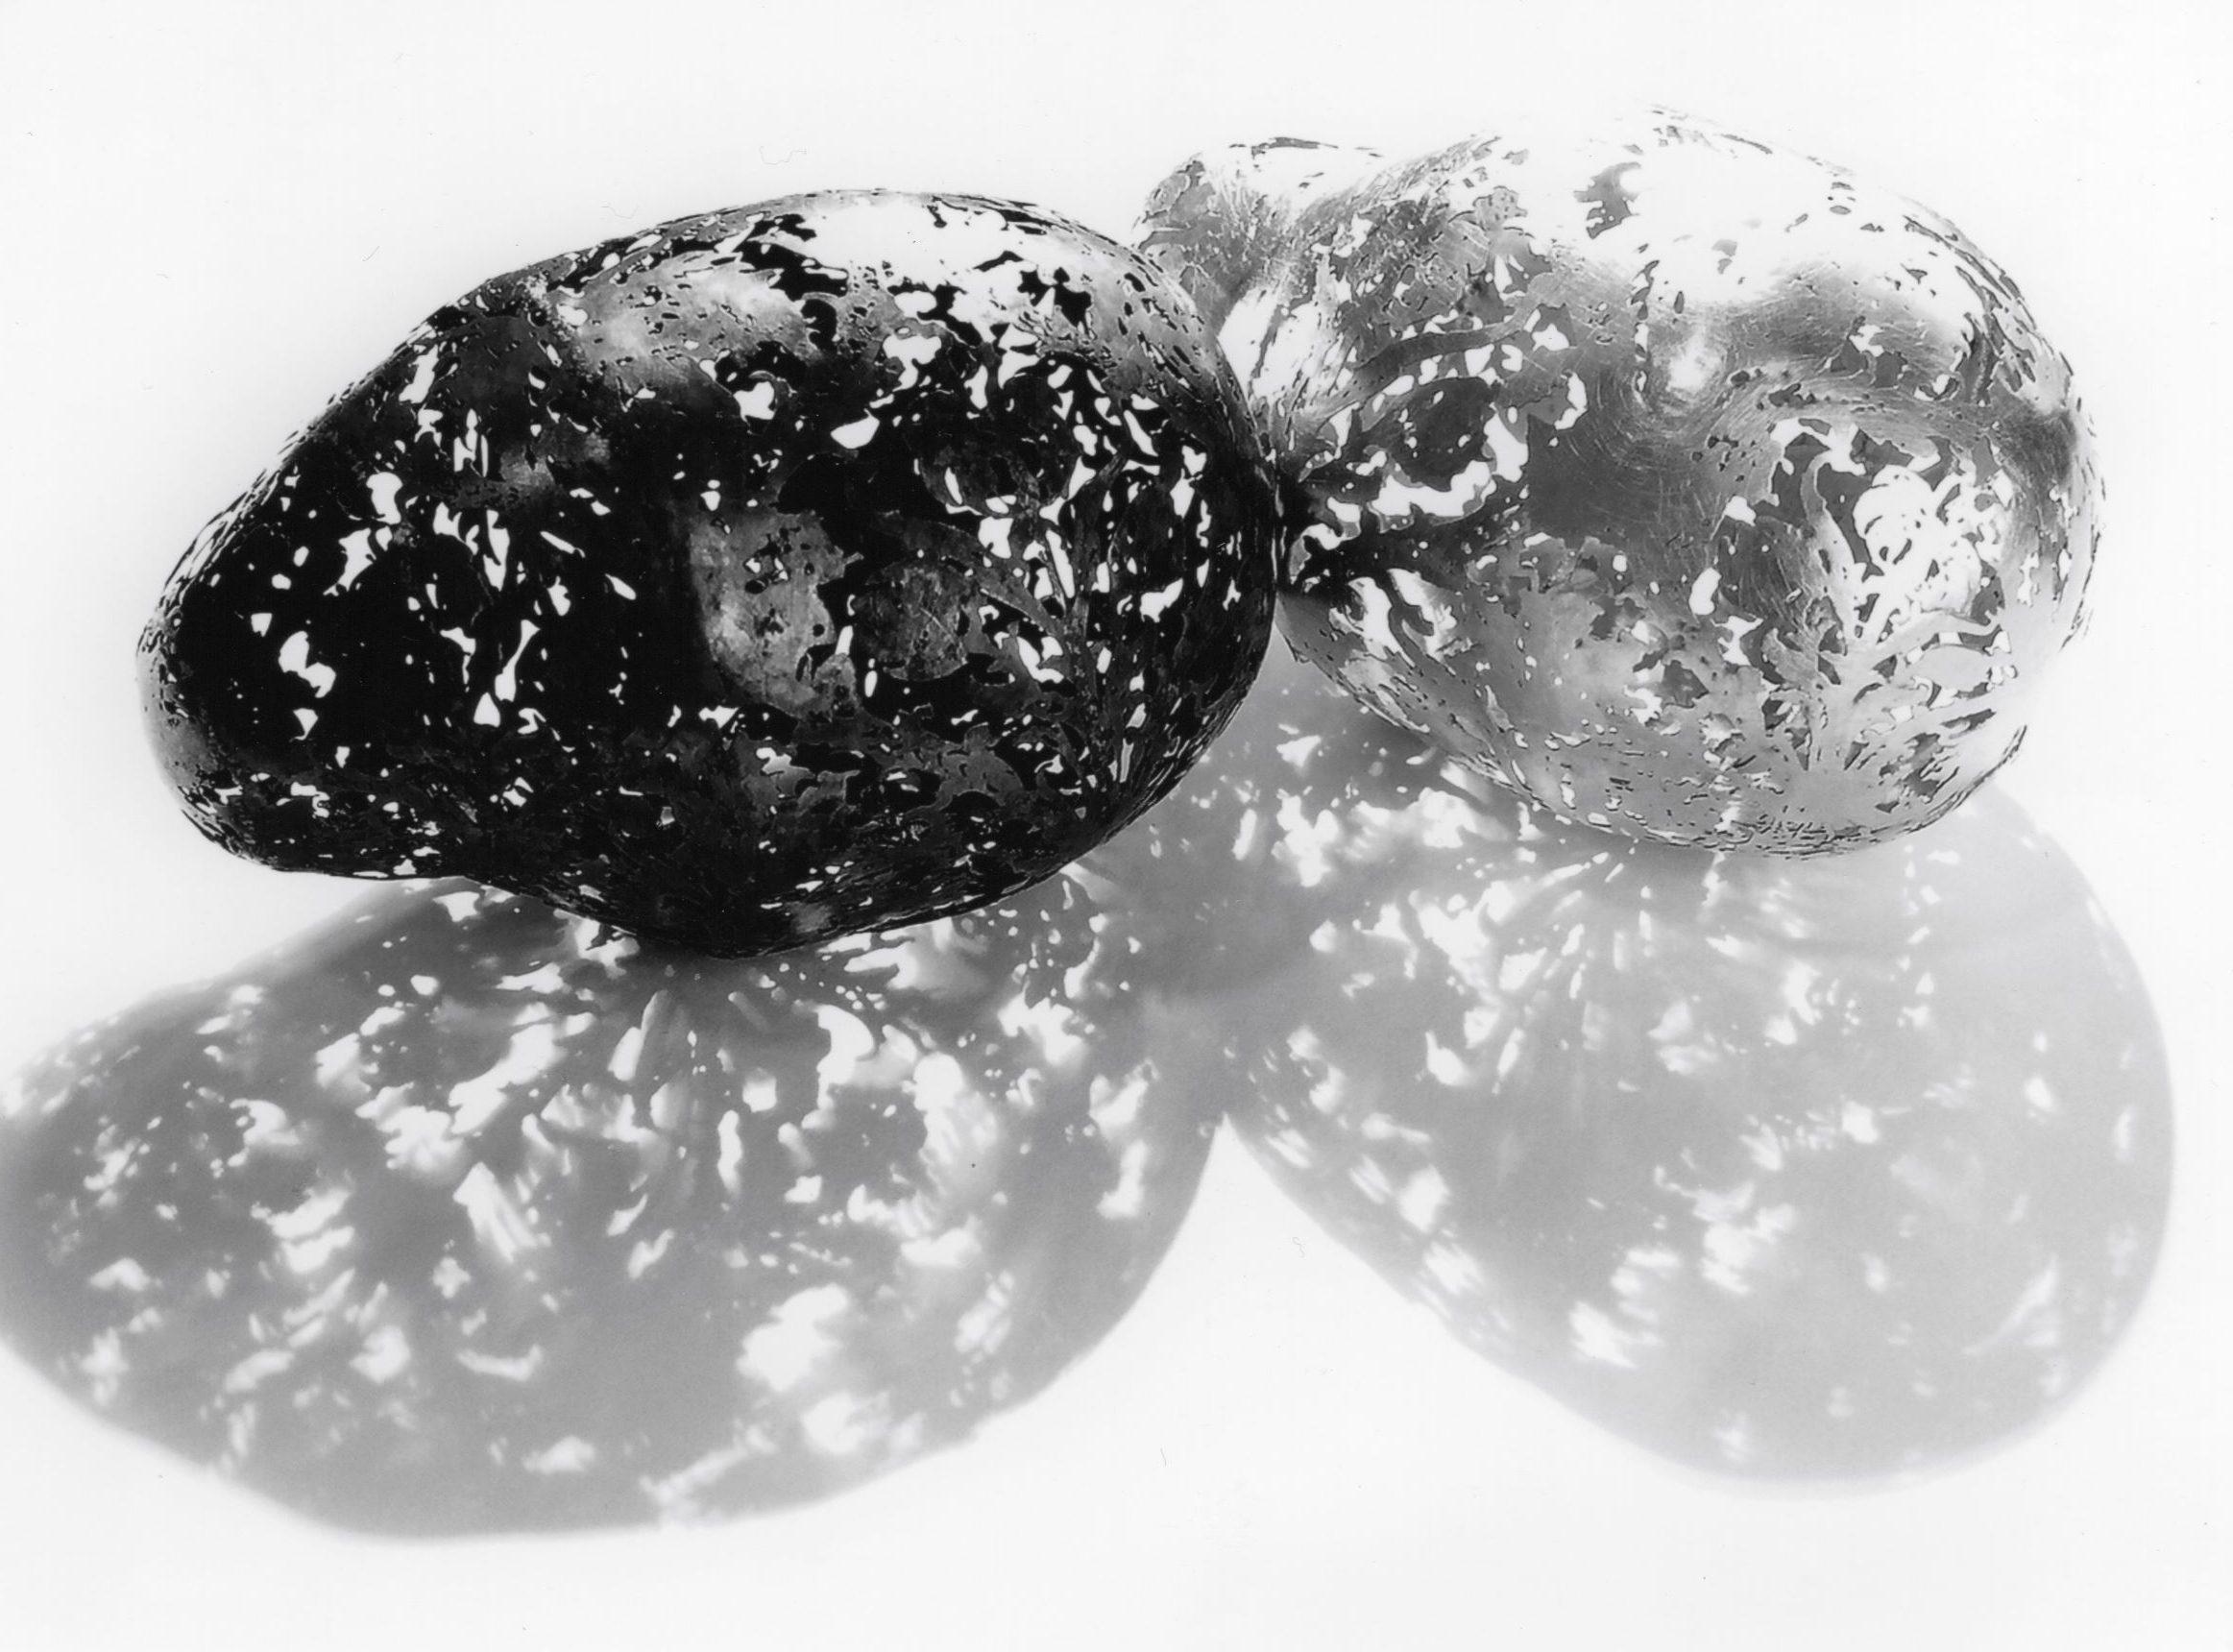 Carla Nuis, Potatoes, 2005, geëtst zilver